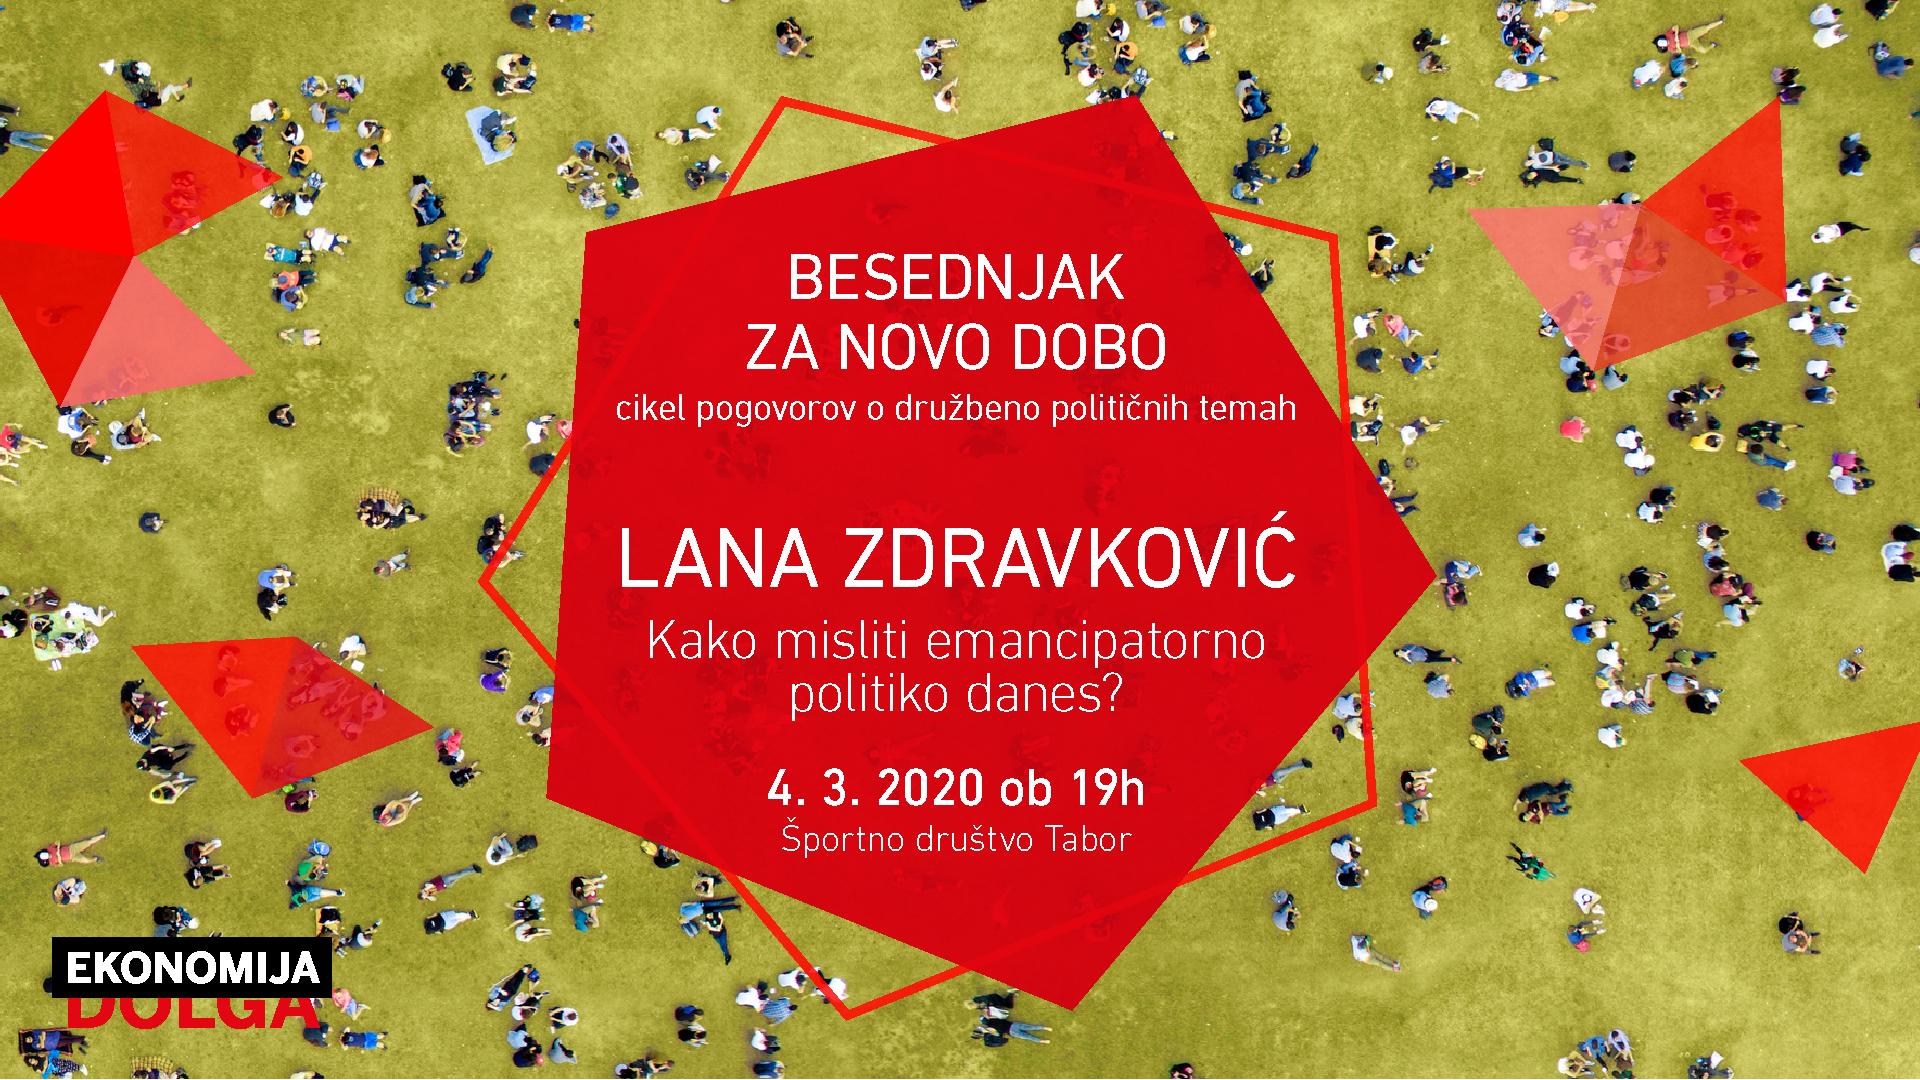 Enabanda - besednjak za novo dobo - posamični dogodki - socialna omrežje - FB - 1920x1080 - event image - 72dpi - Lana